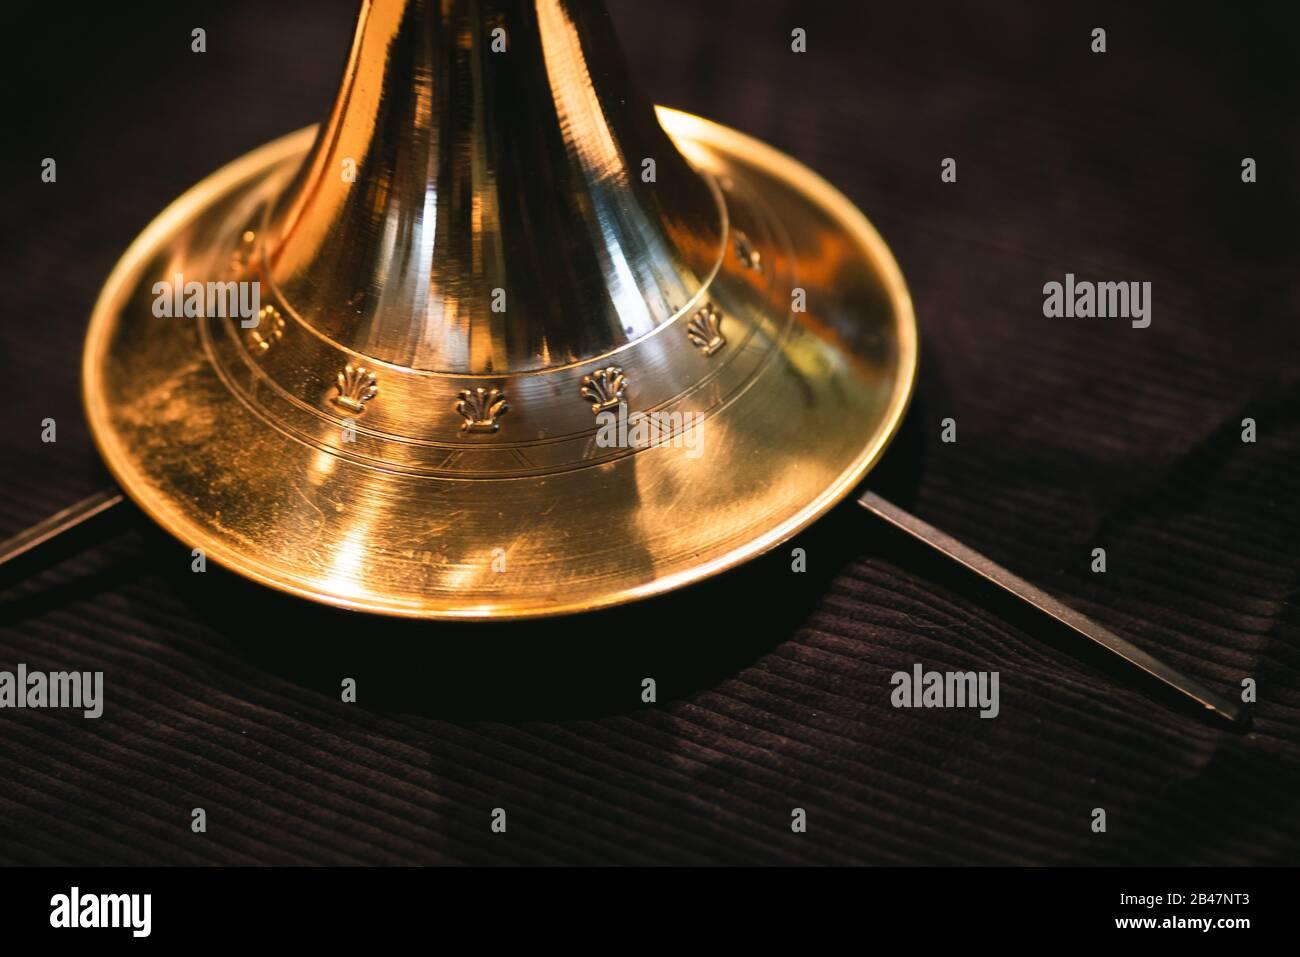 Historisches Instrument der frühen Musik - Details eines goldenen Trompets aus dem Barock Stockfoto